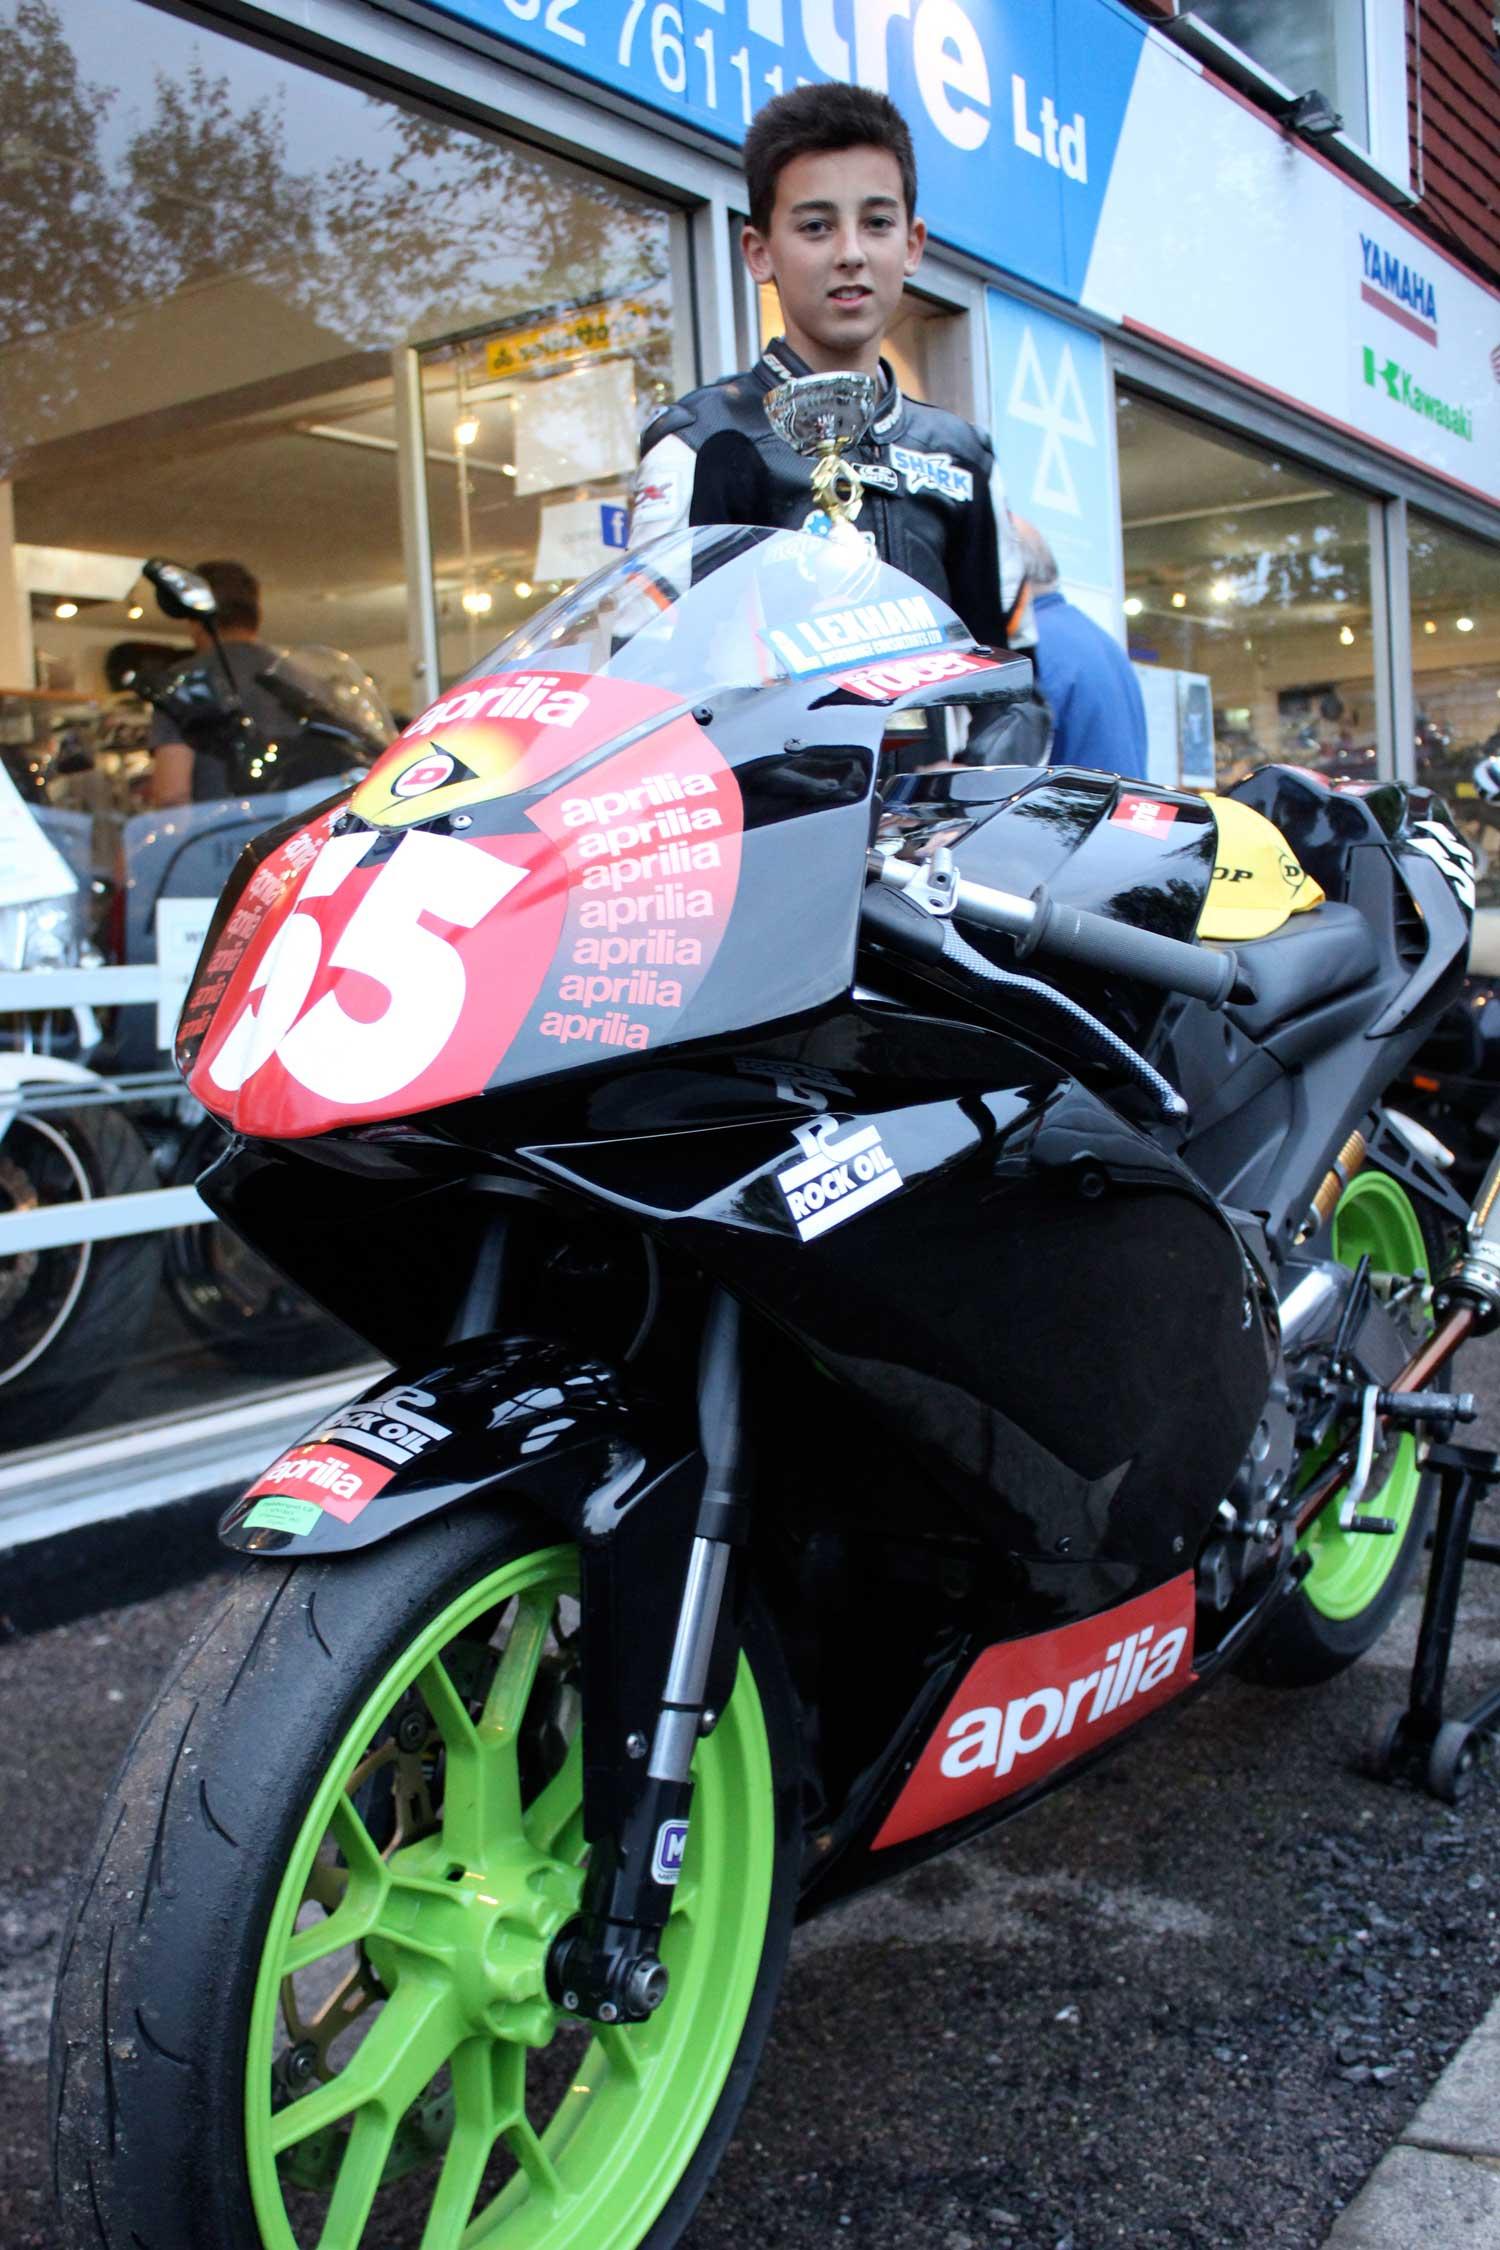 Jack-Scott-with-race-bike